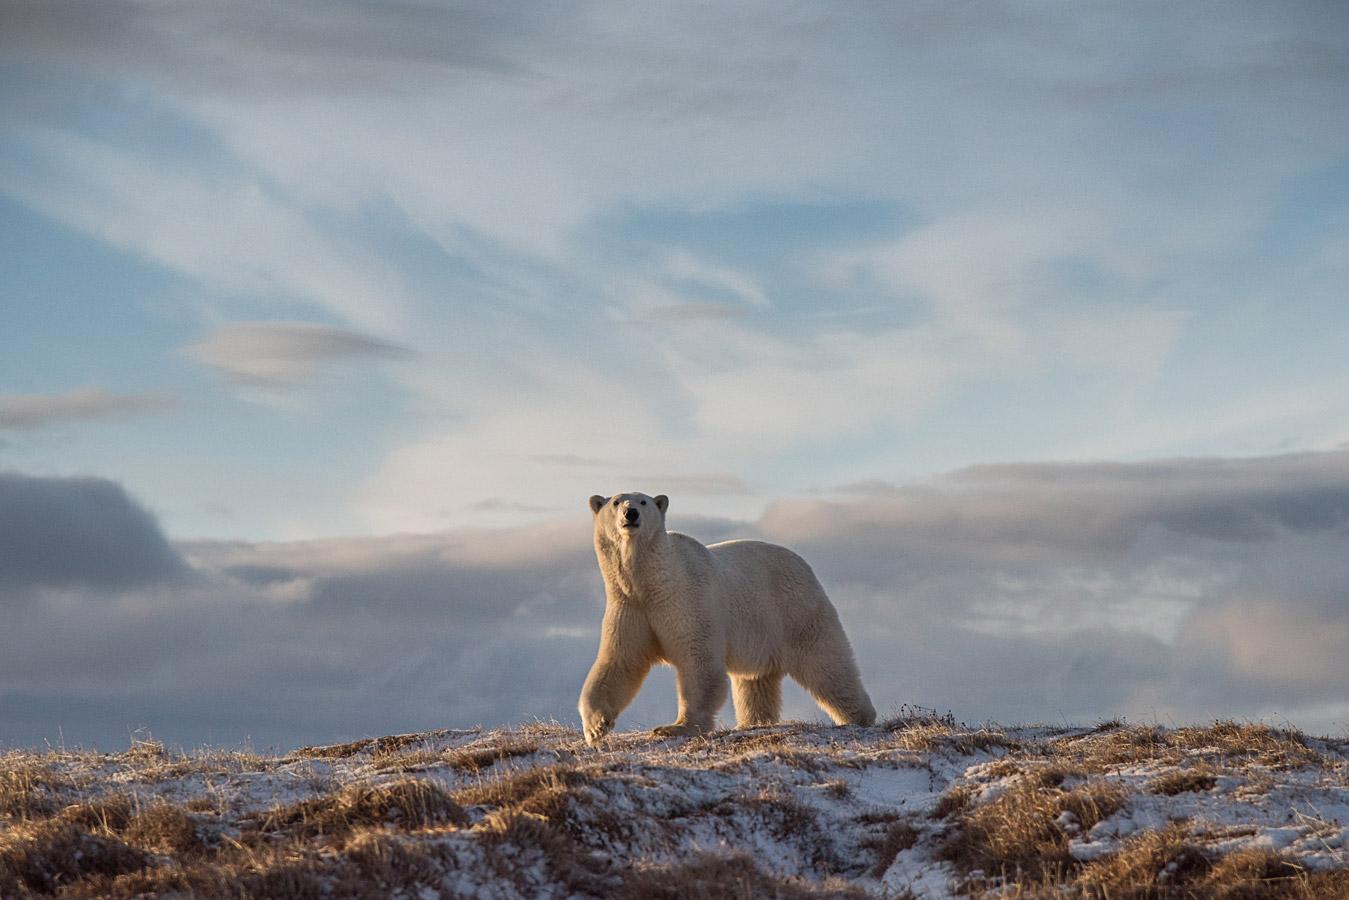 Прогулка, © Виталий Дворяченко, 1-е место в номинации «Млекопитающие», Победитель фотоконкурса «Дикая природа России – 2018», Фотоконкурс «Дикая природа России» от National Geographic